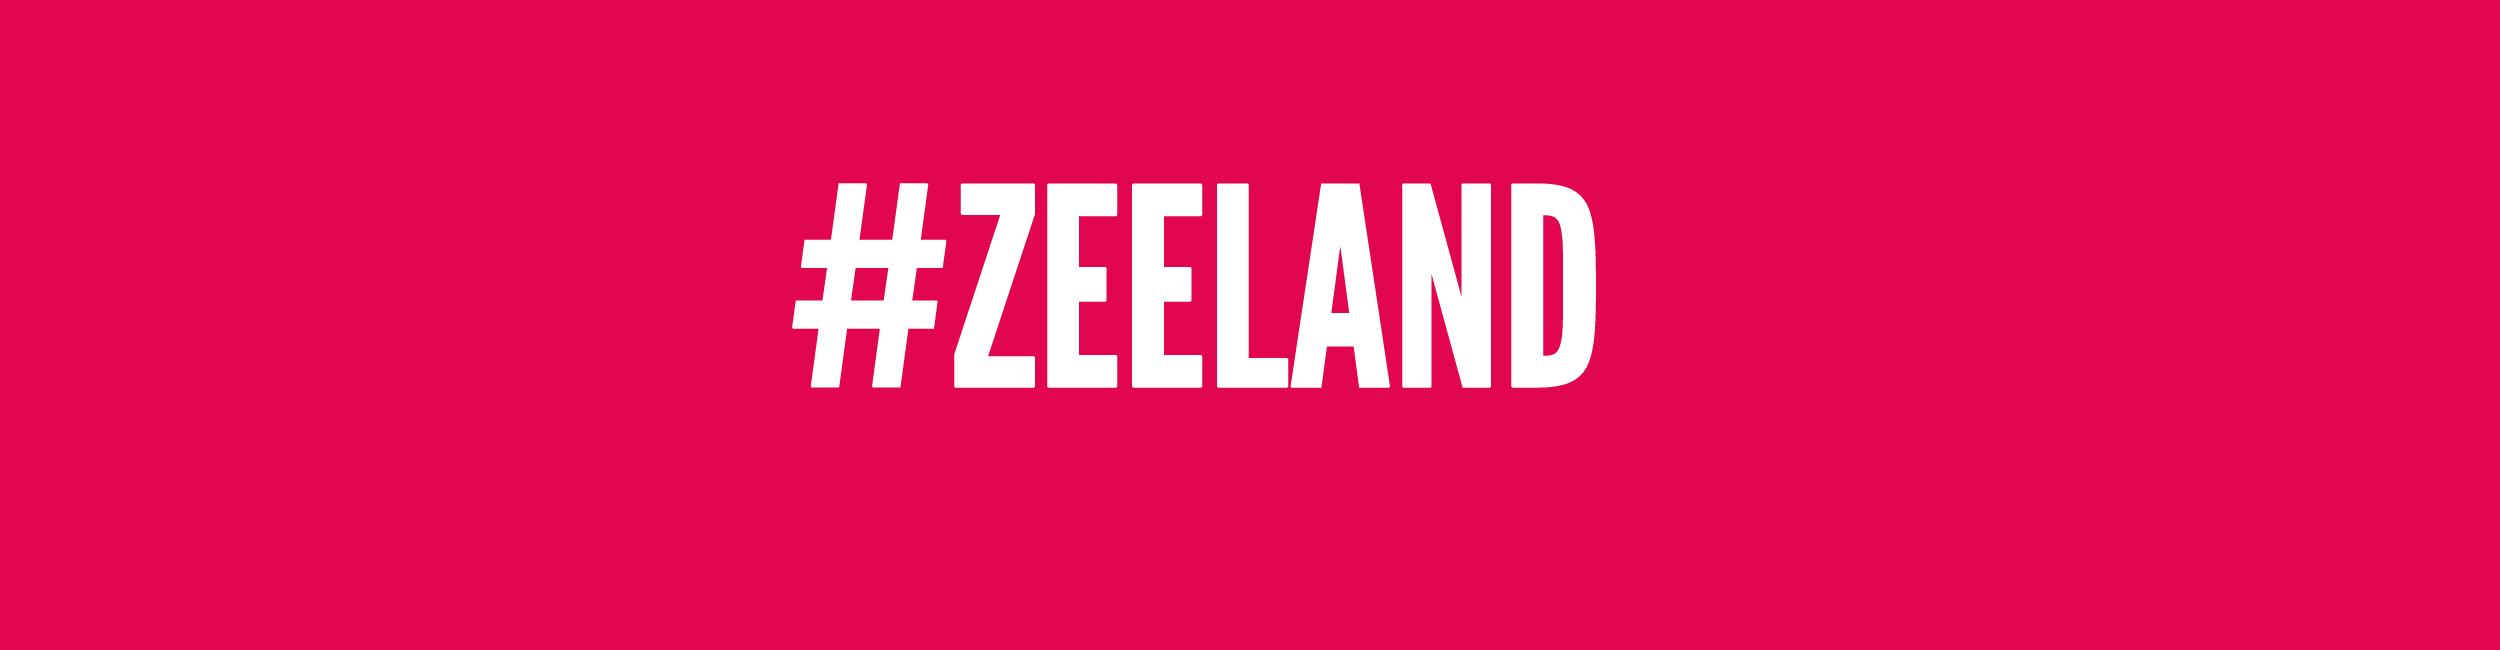 #Zeeland Social Media